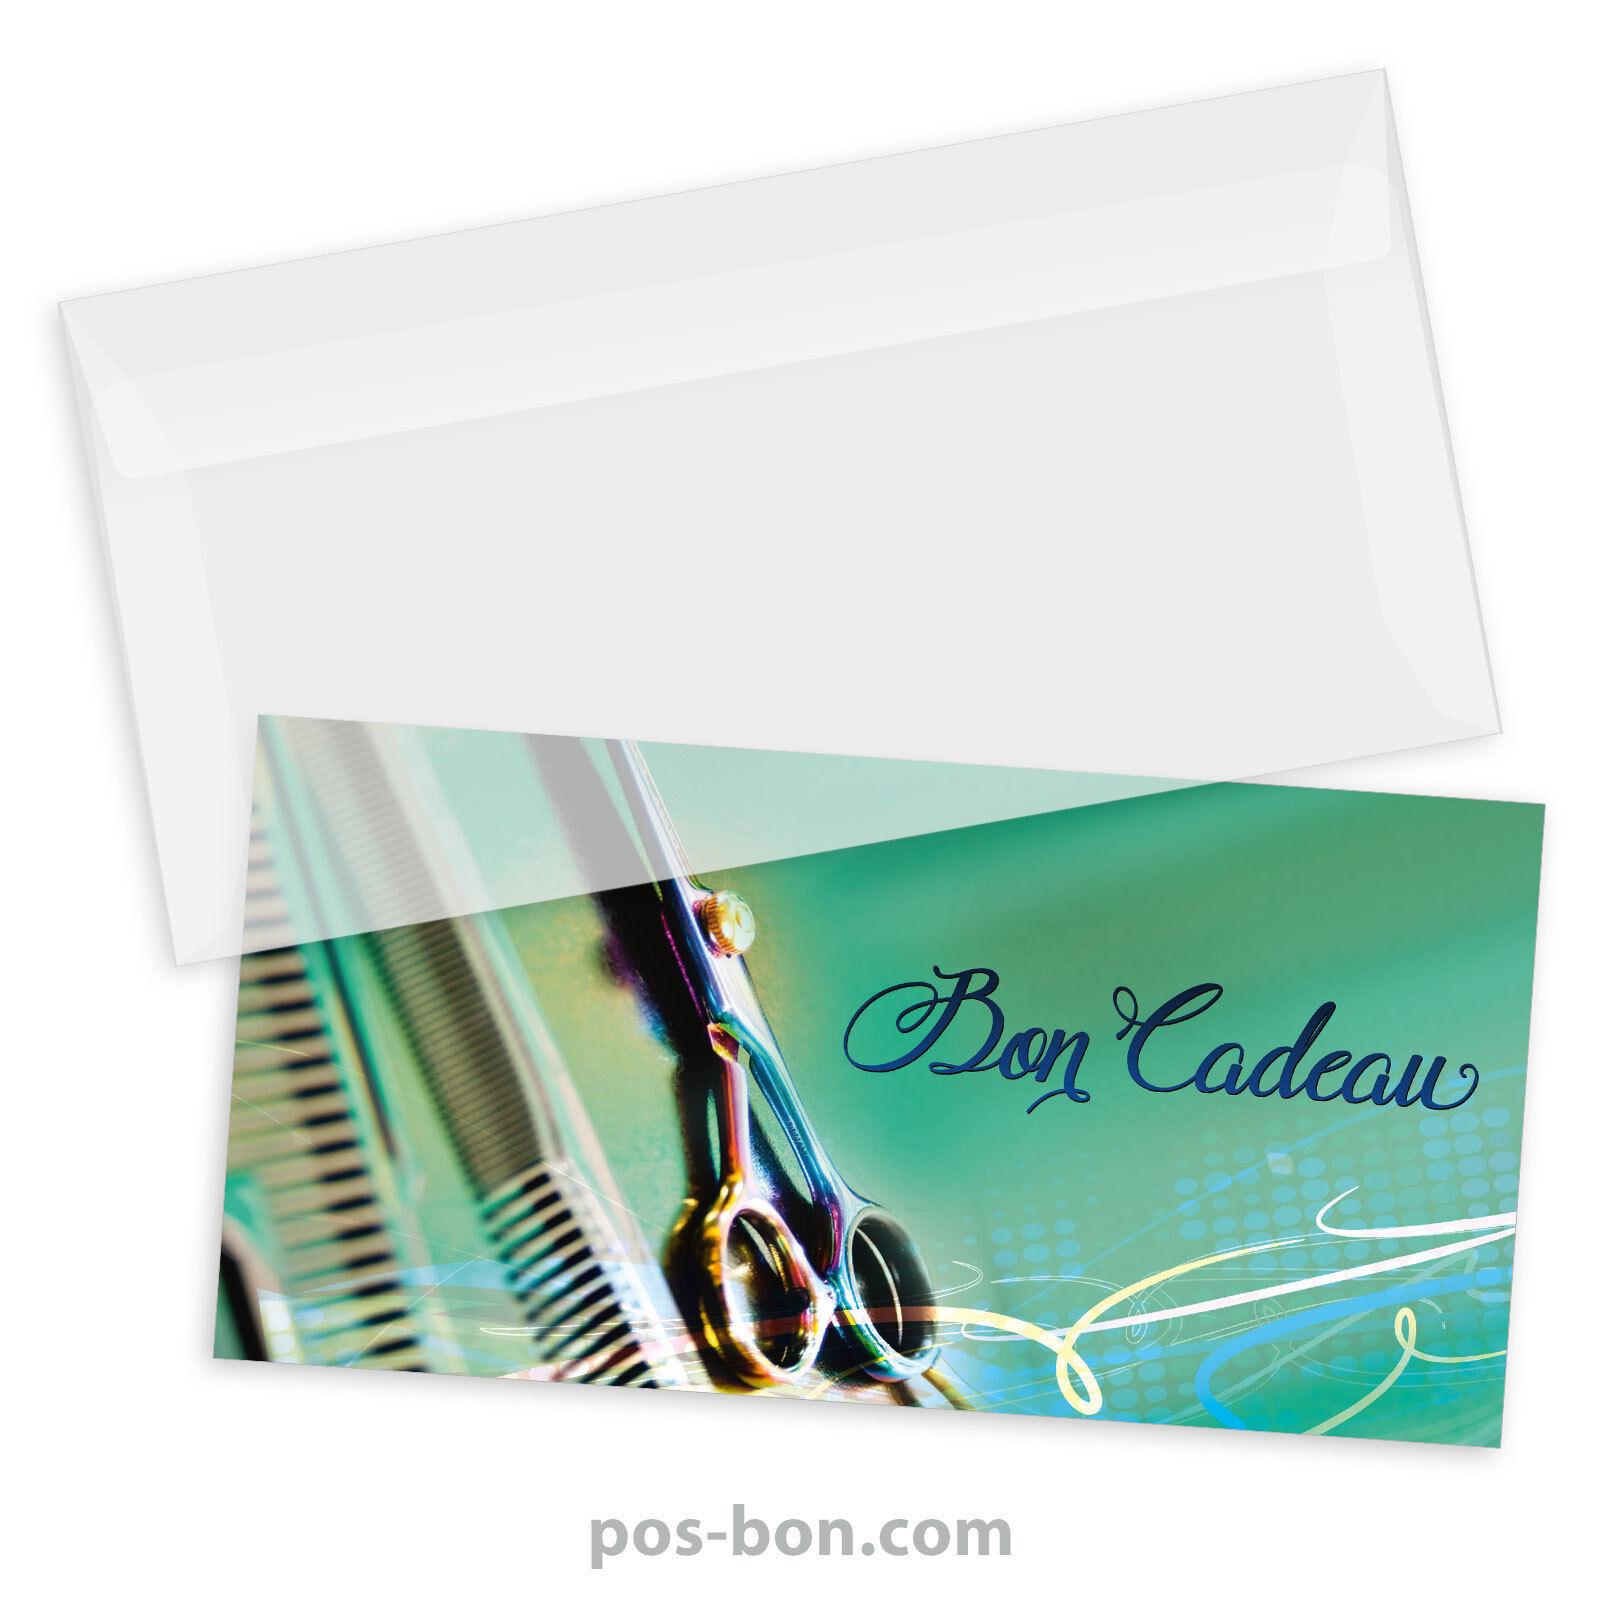 Bons cadeaux  enveloppes pour coiffeurs K9286F    Feinen Qualität    Vielfältiges neues Design